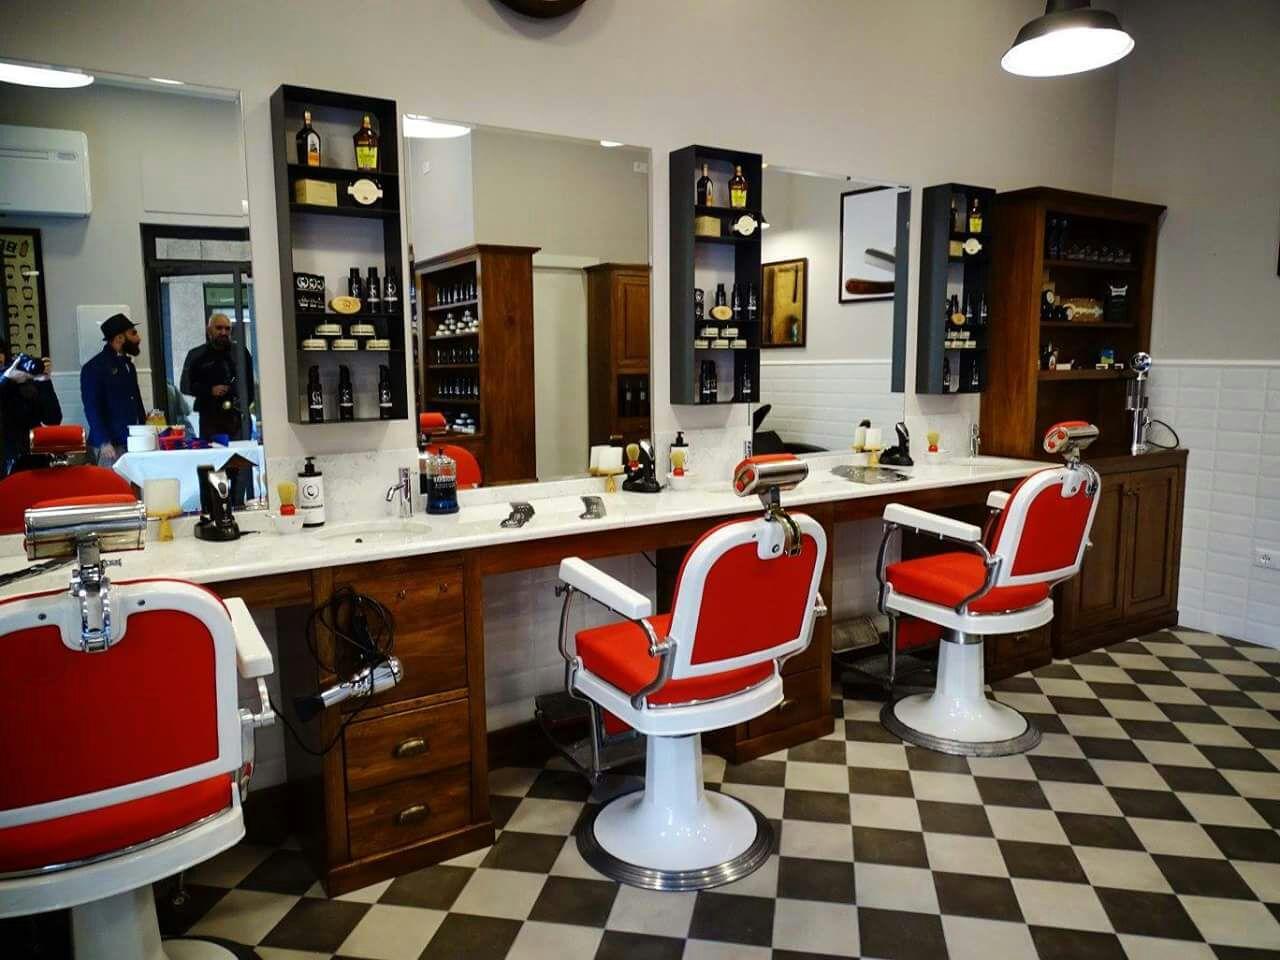 Conosciuto Arredamento negozio barber shop | Antichità e restauro Turco  IQ53